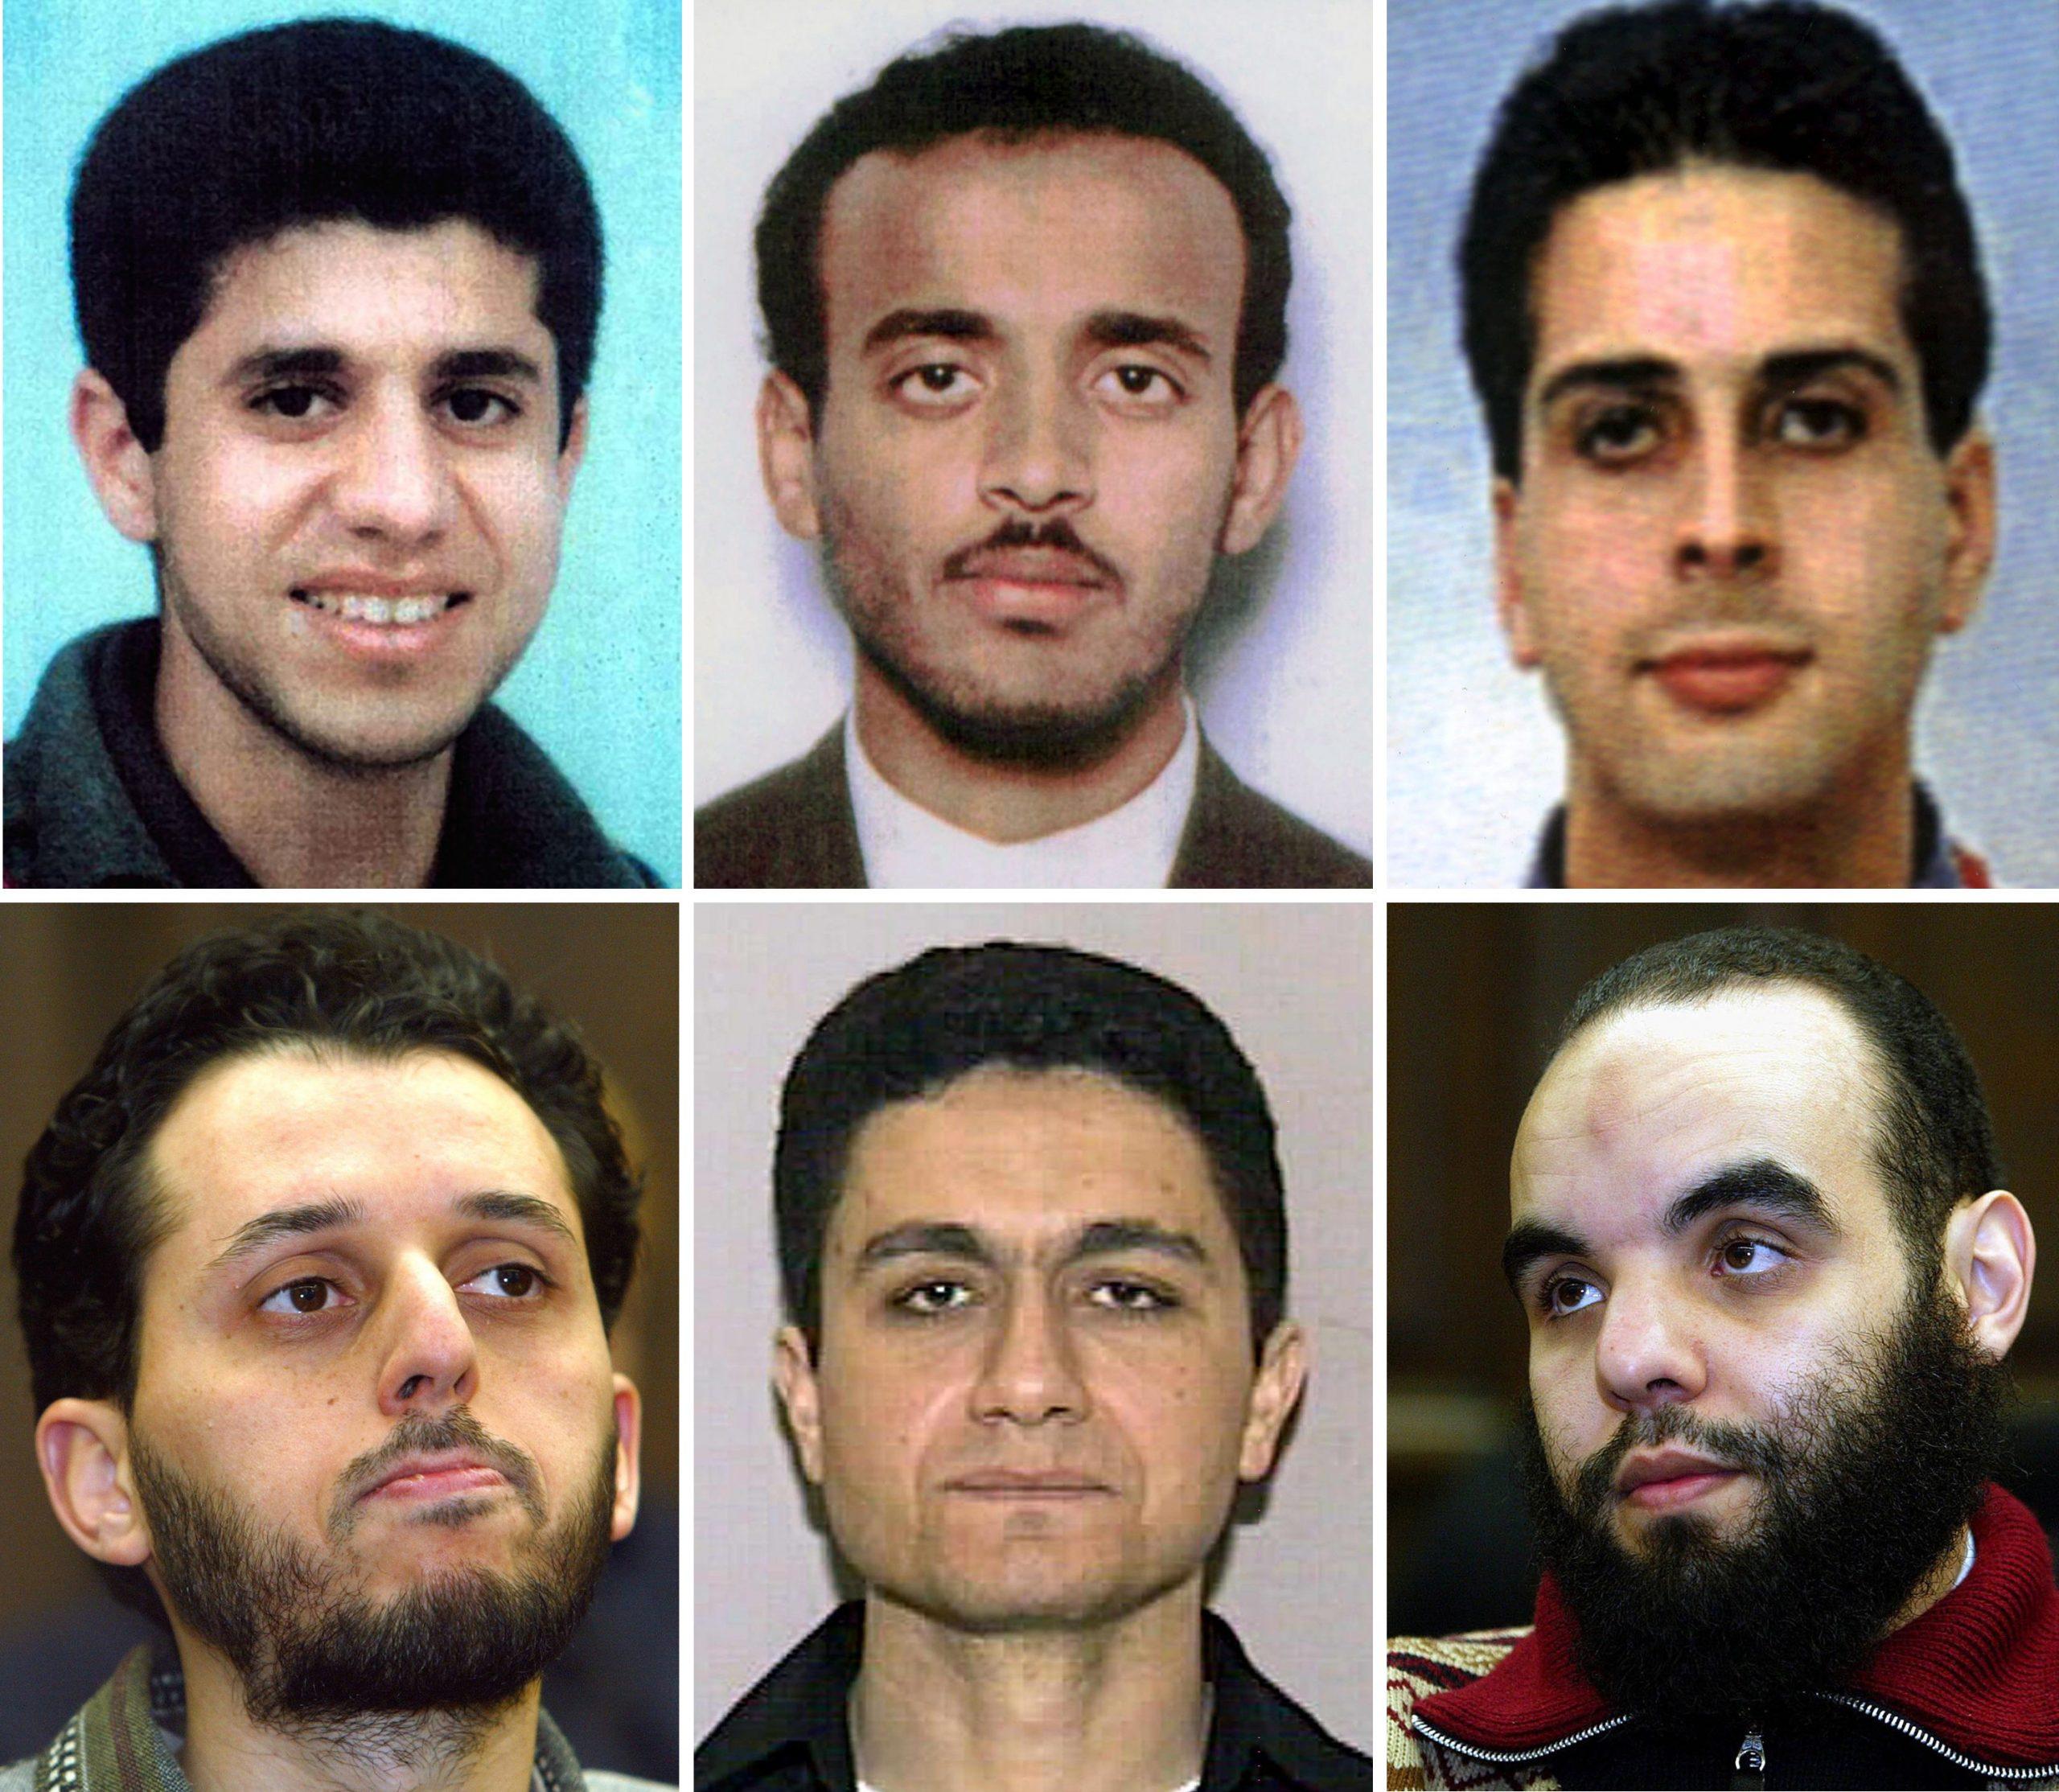 Die Hamburger Terrorzelle um Mohammed Atta (untere Reihe, Mitte).